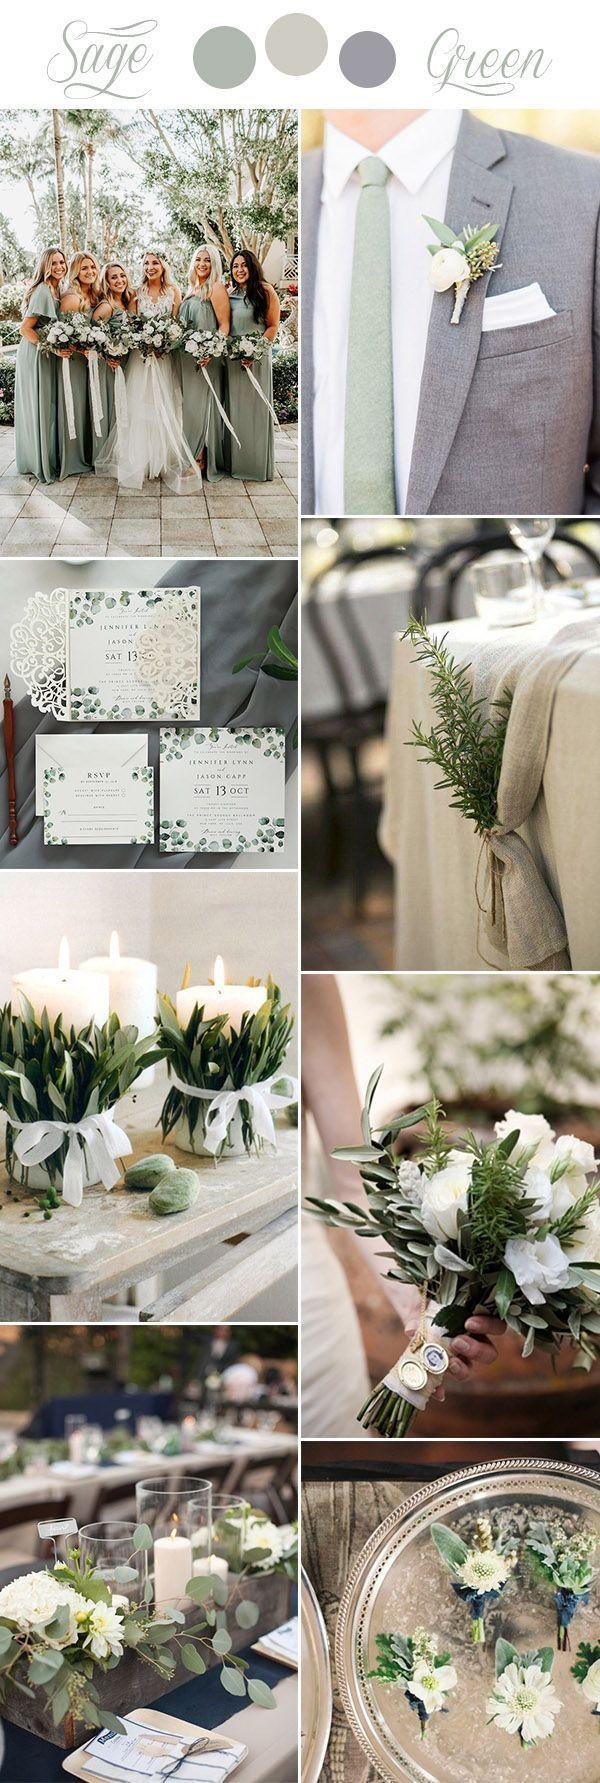 Sage grün, beige und grau rustikal schick Hochzeit Farben #beige #hochzeit #ribbonflower